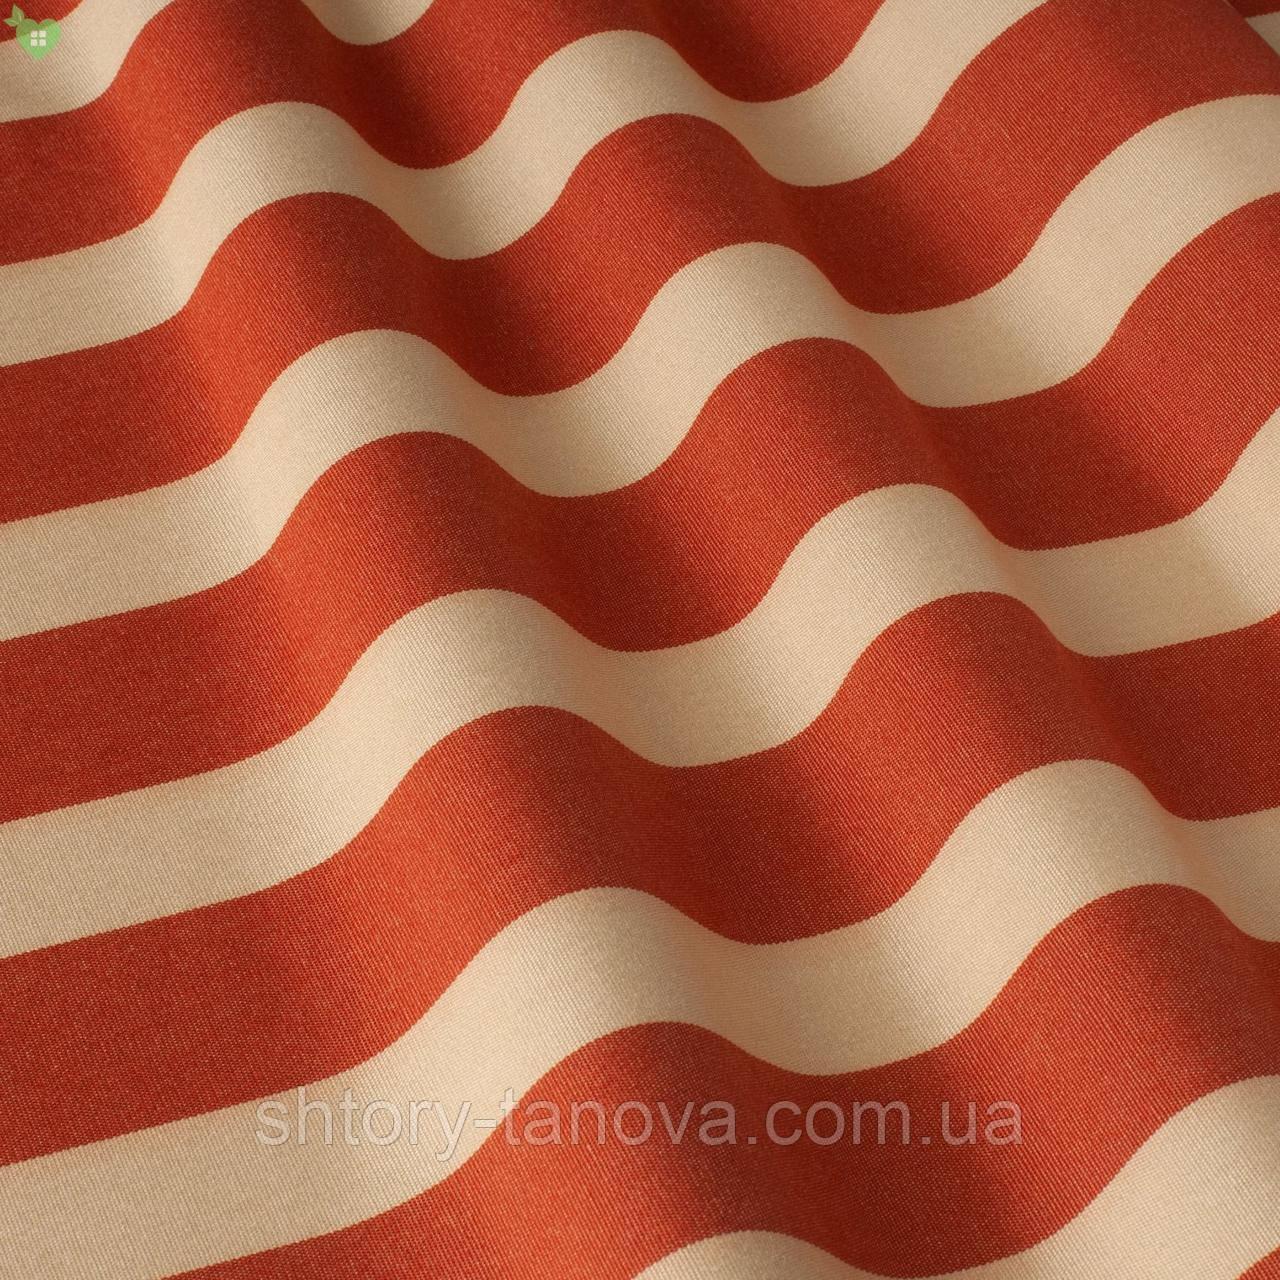 Вулична декоративна тканина для садових меблів смуга червоного і бежевого кольору